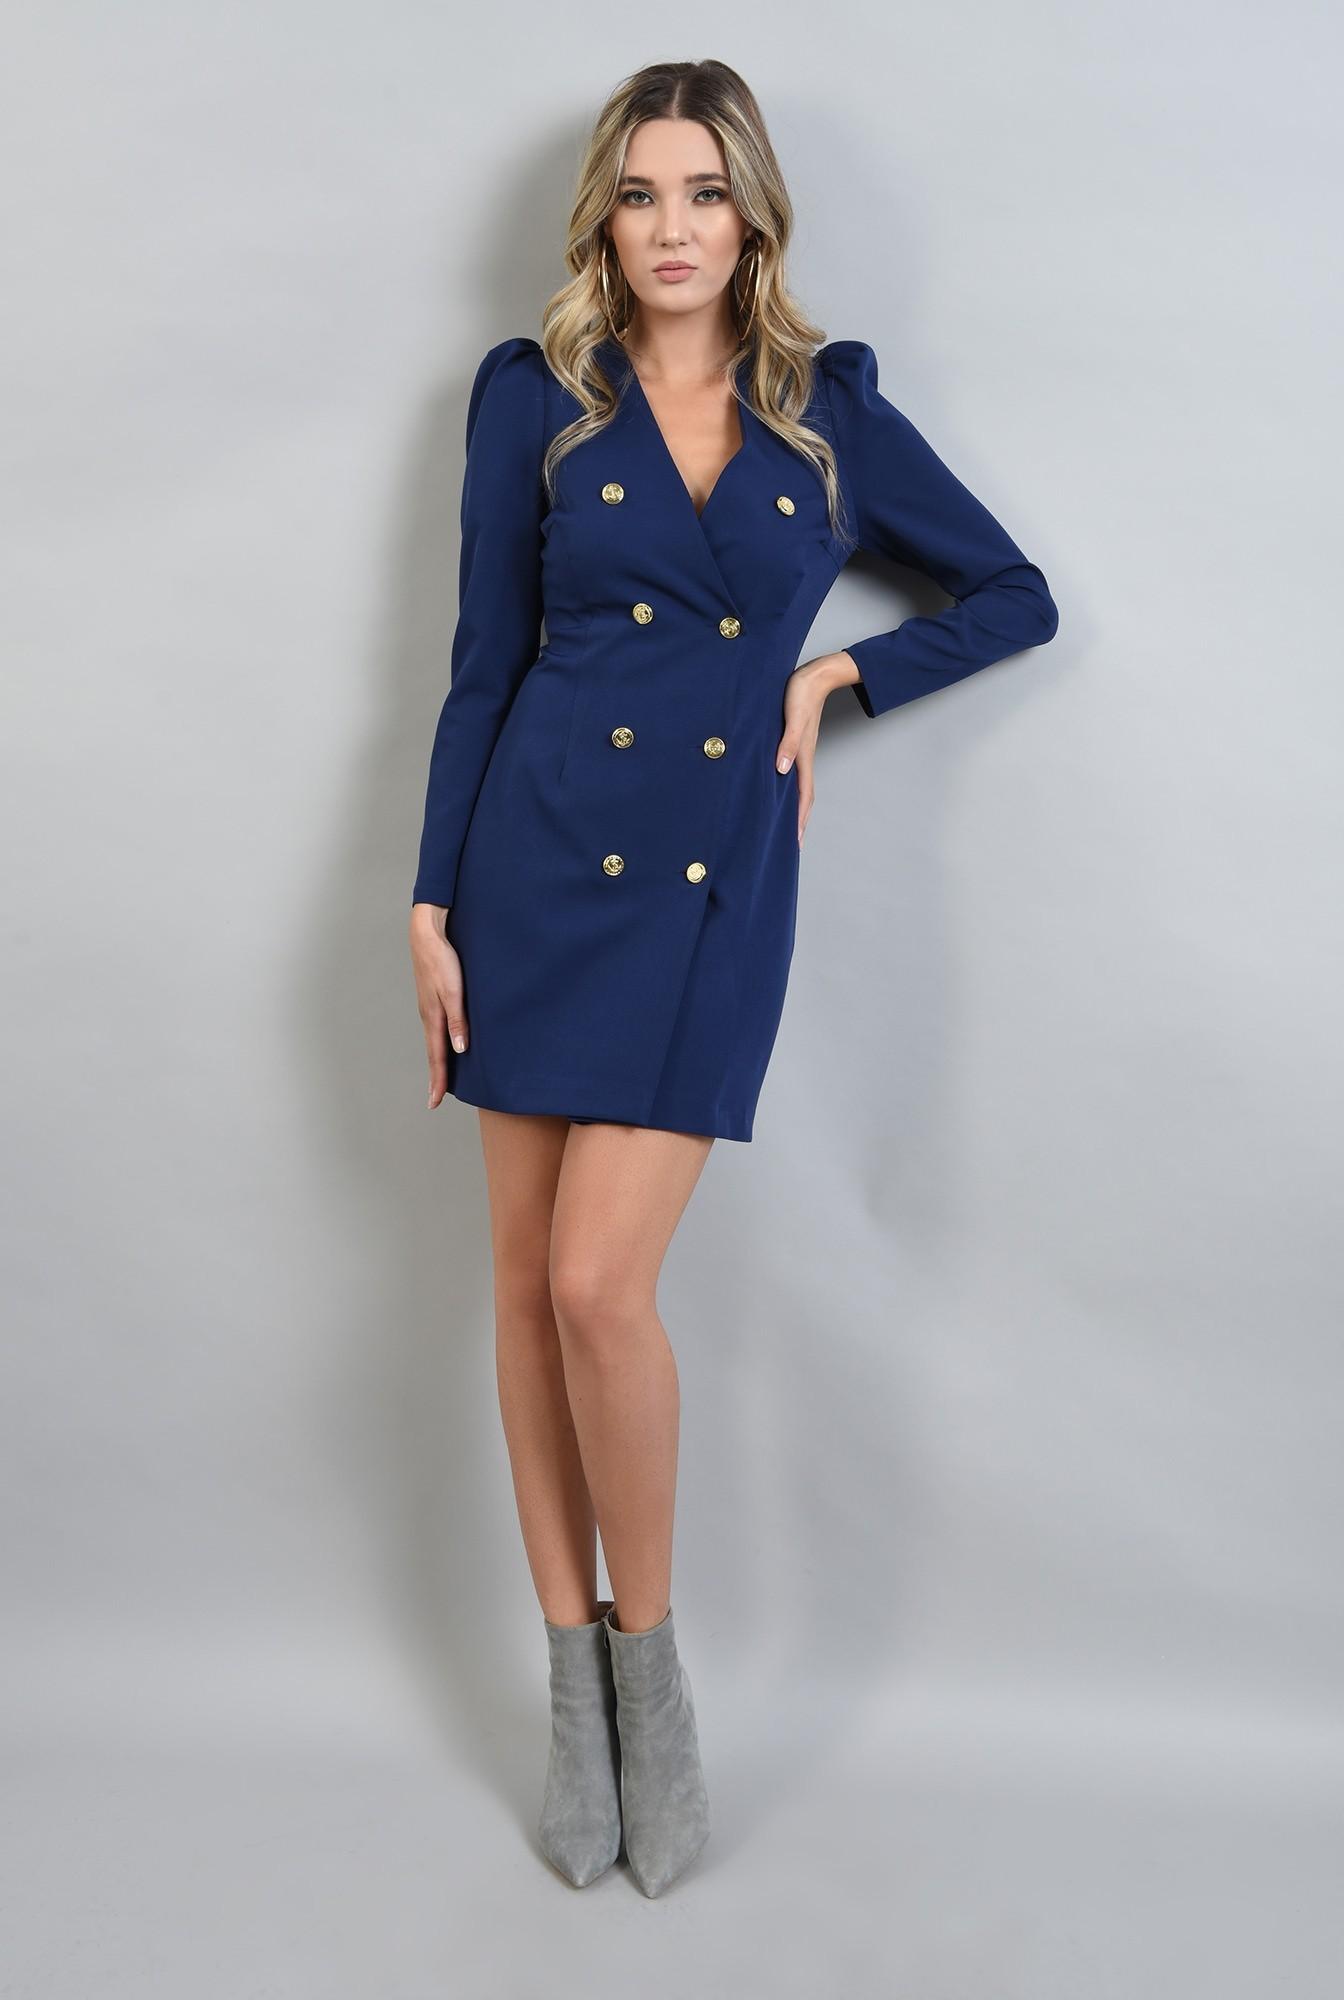 0 - rochie albastra, cu decolteu in V, cu umeri bufanti